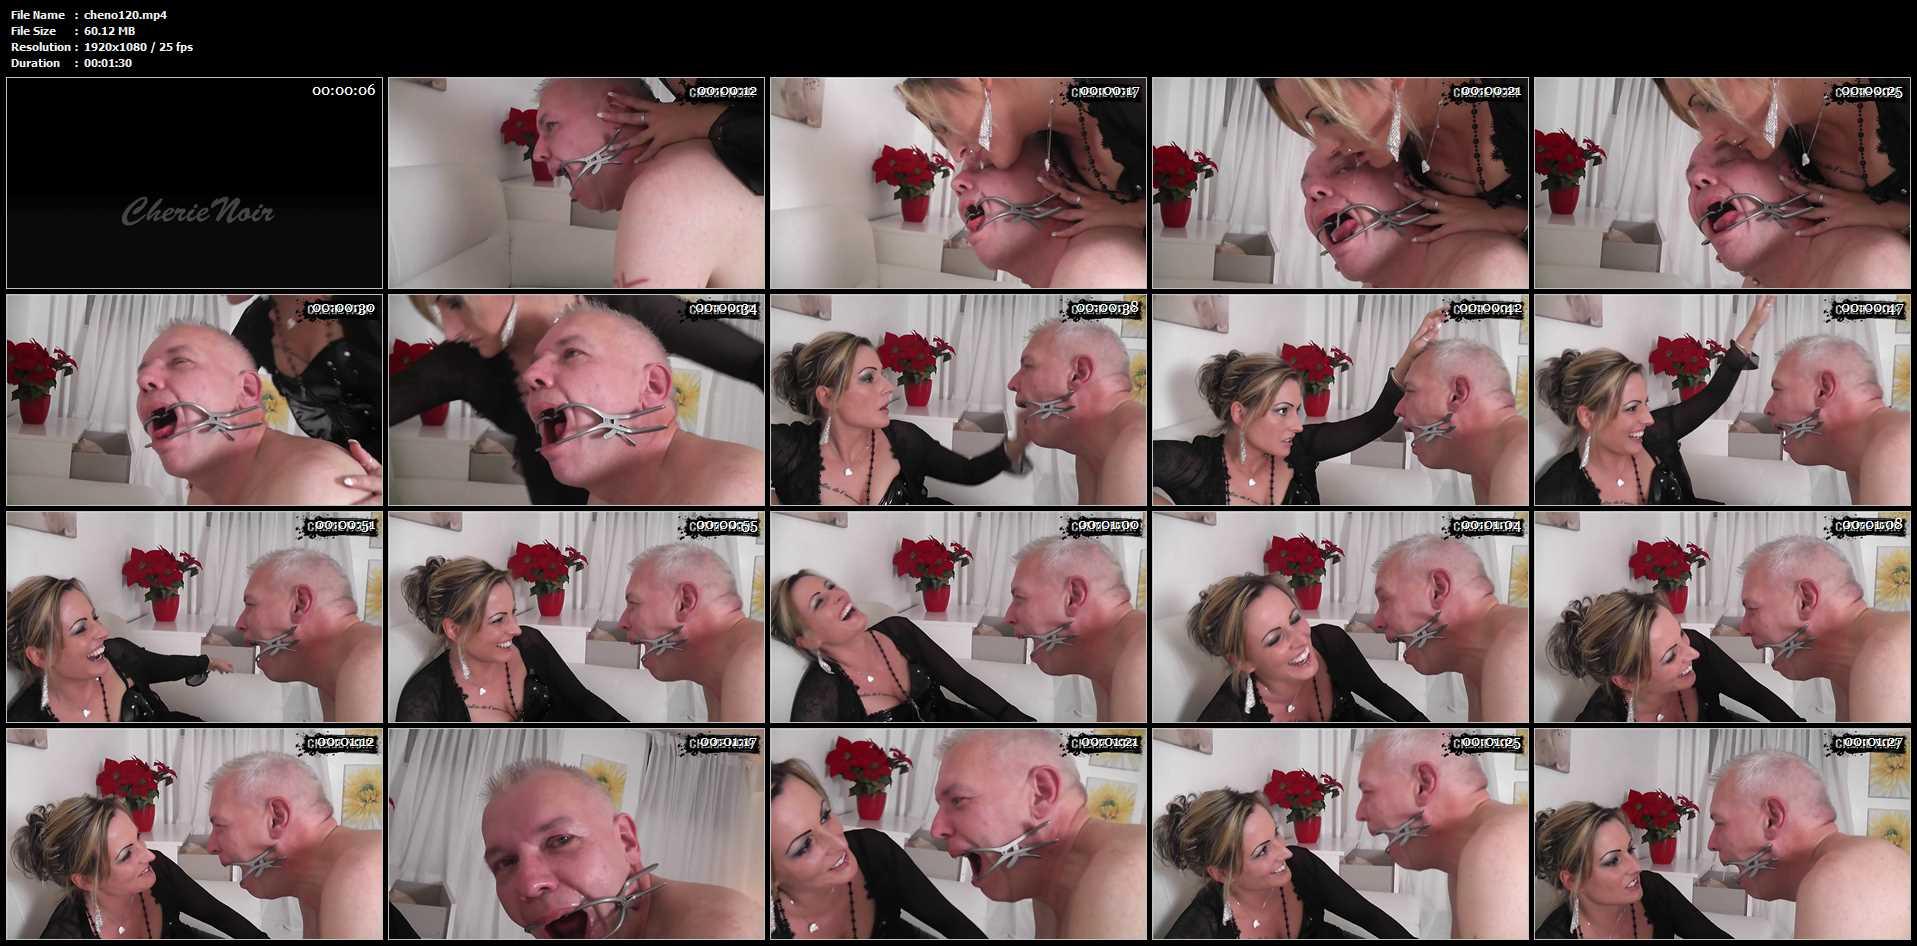 [CHERIE-NOIR] Sabberfresse And Feltschauge. Me Laugh Out Loud. Featuring: Lady Cherie Noir [FULL HD][1080p][MP4]